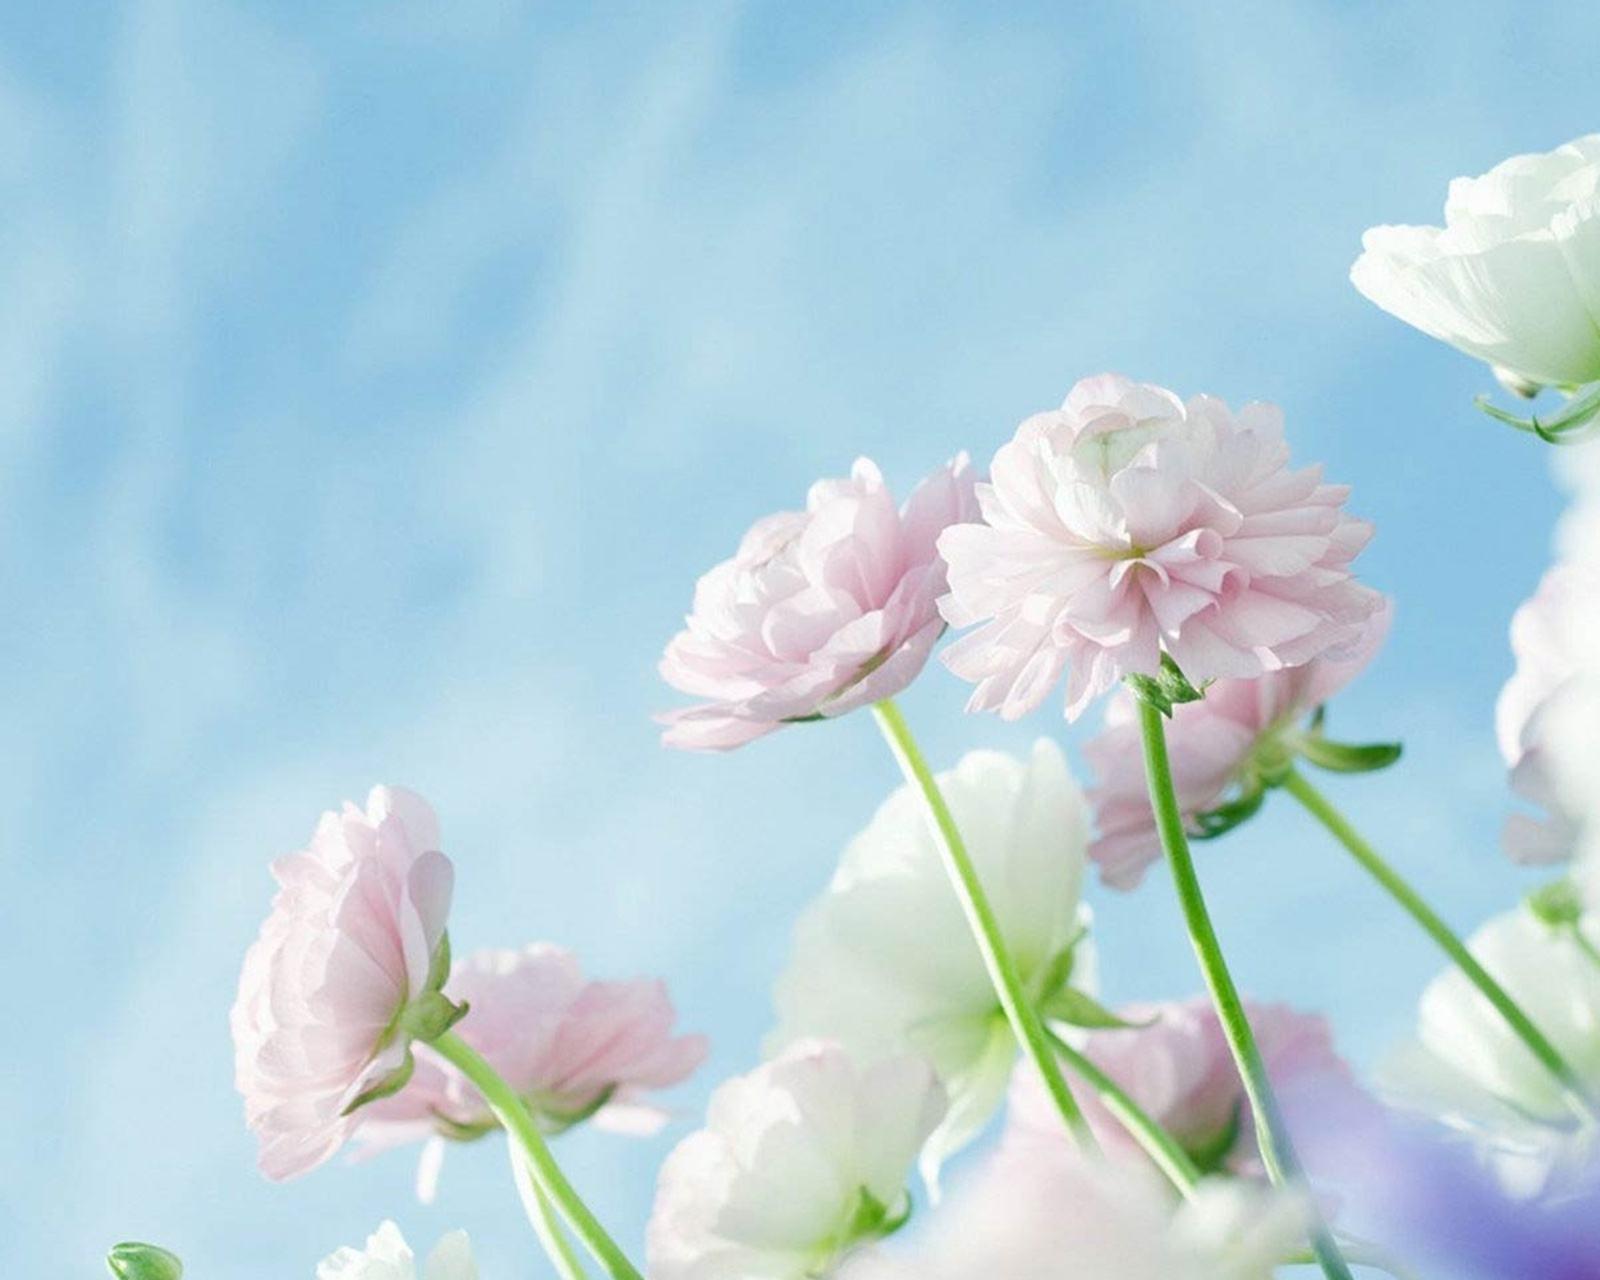 人生感悟正能量一句话:身处逆境,仍然相信前方有希望